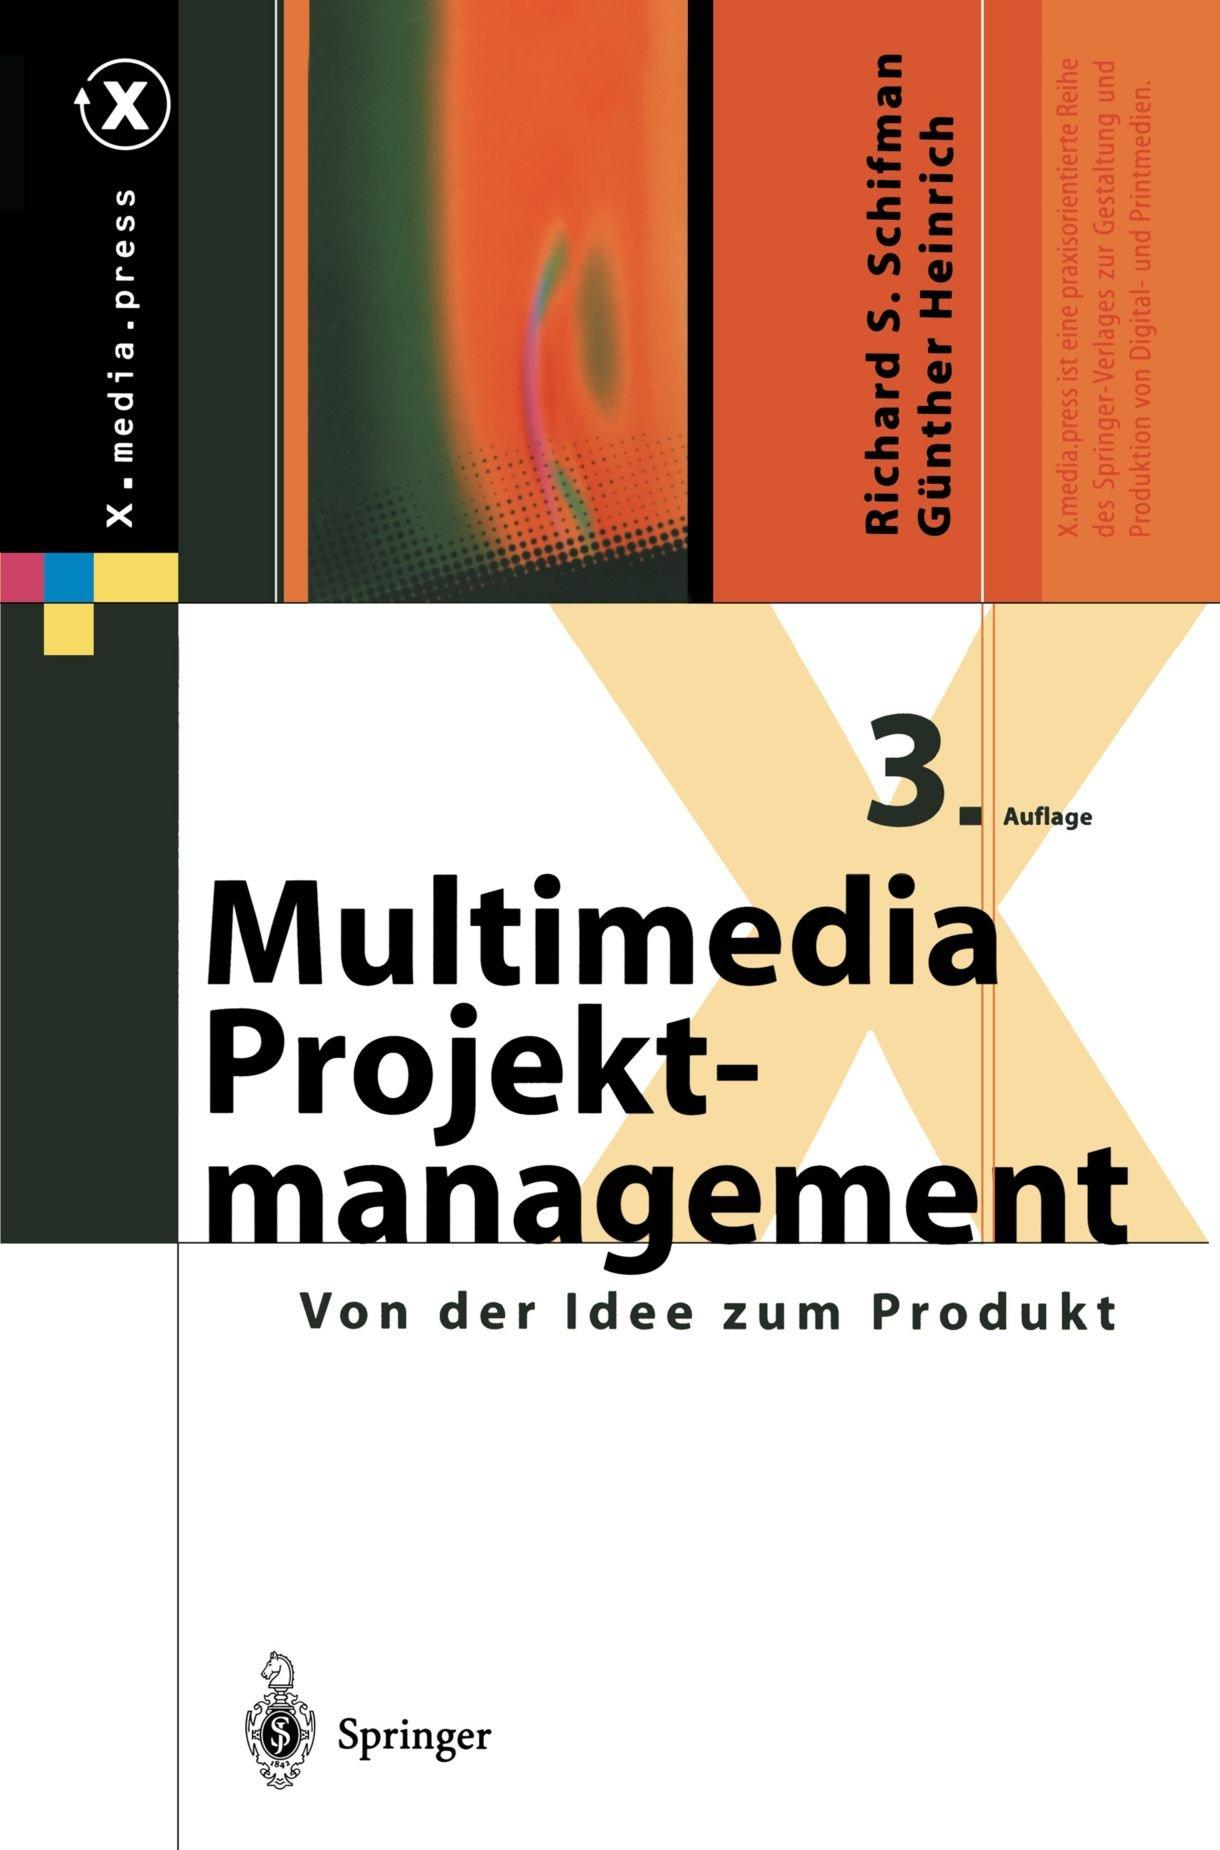 Multimedia-Projektmanagement: Von der Idee zum Produkt (X.media.press) (German Edition)